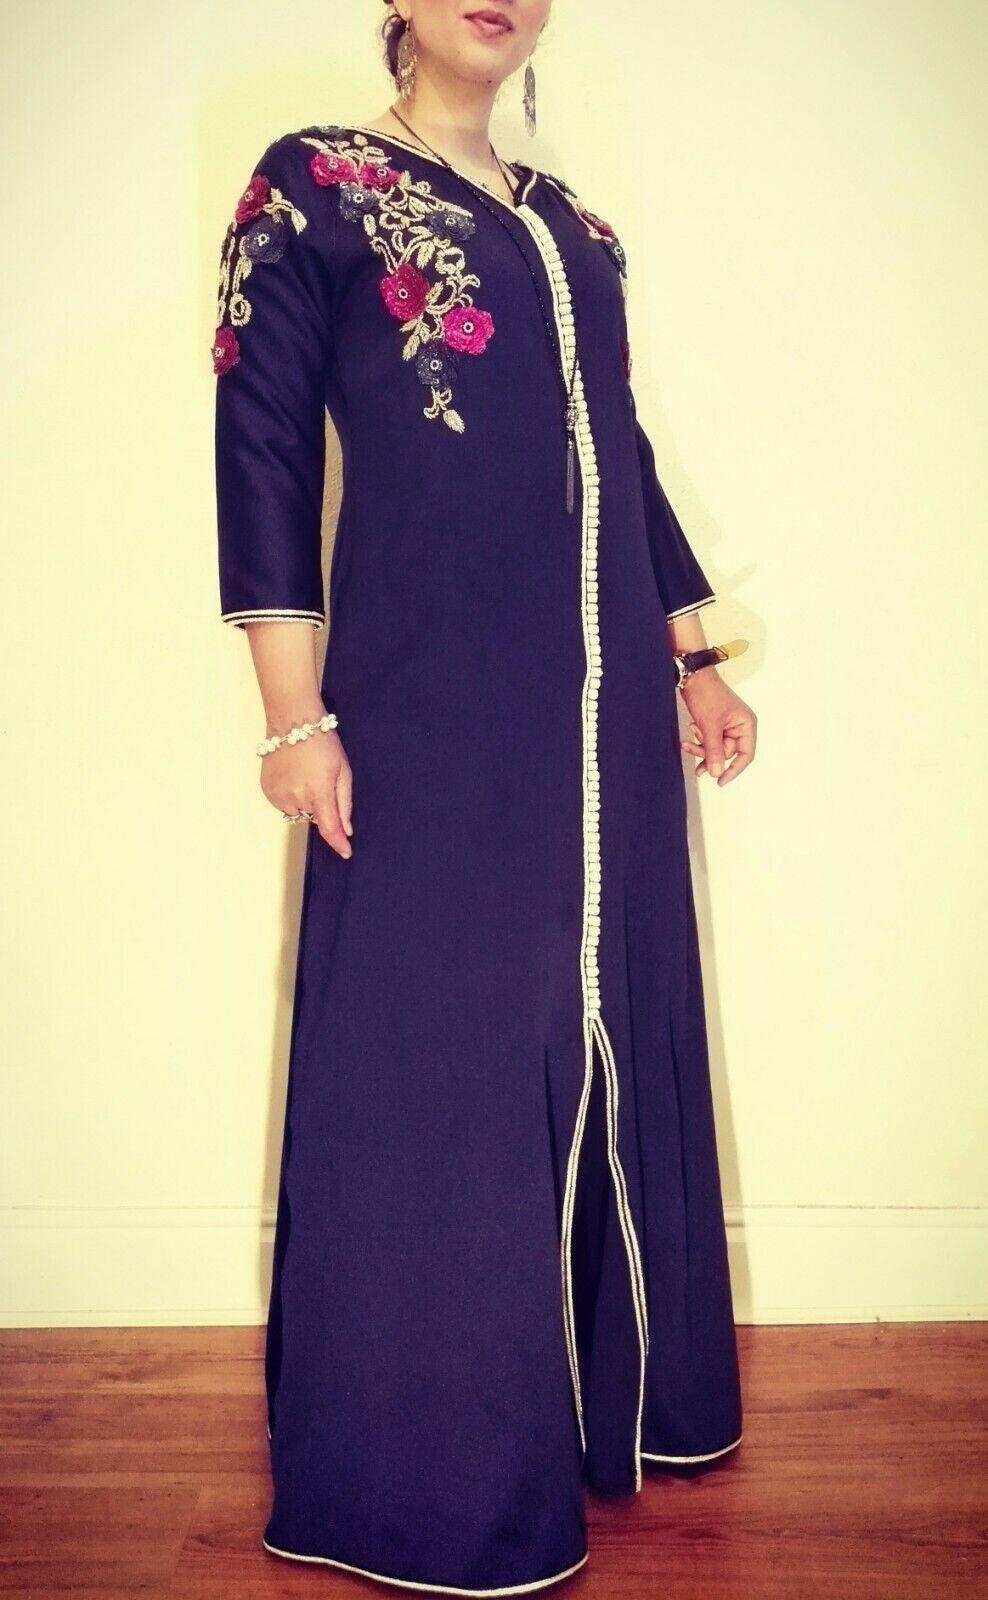 De  Lujo Marroquí Caftán Vestido para Boda asiáticos Caftan Abaya -- venden     tienda en linea